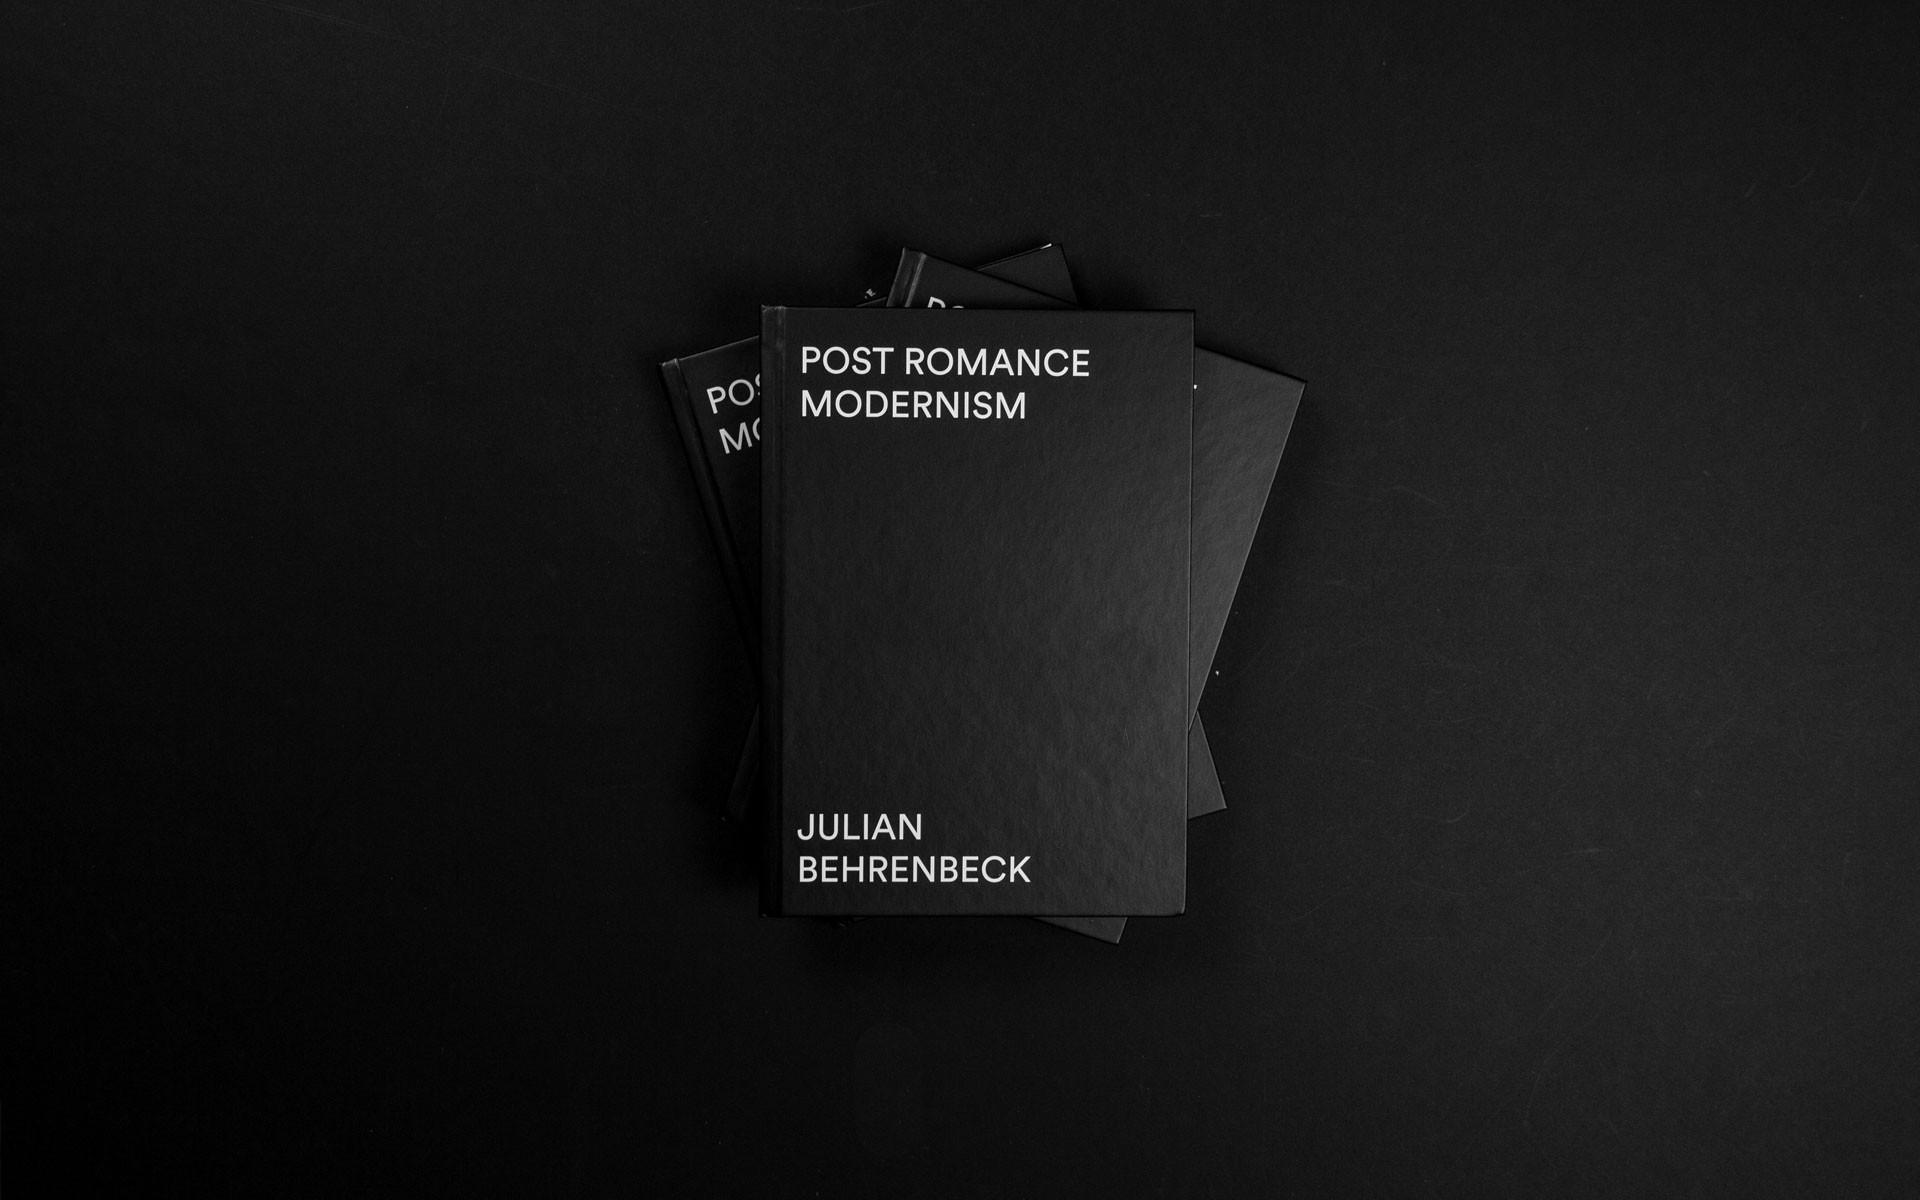 Julian Behrenbeck Post Romance Modernism